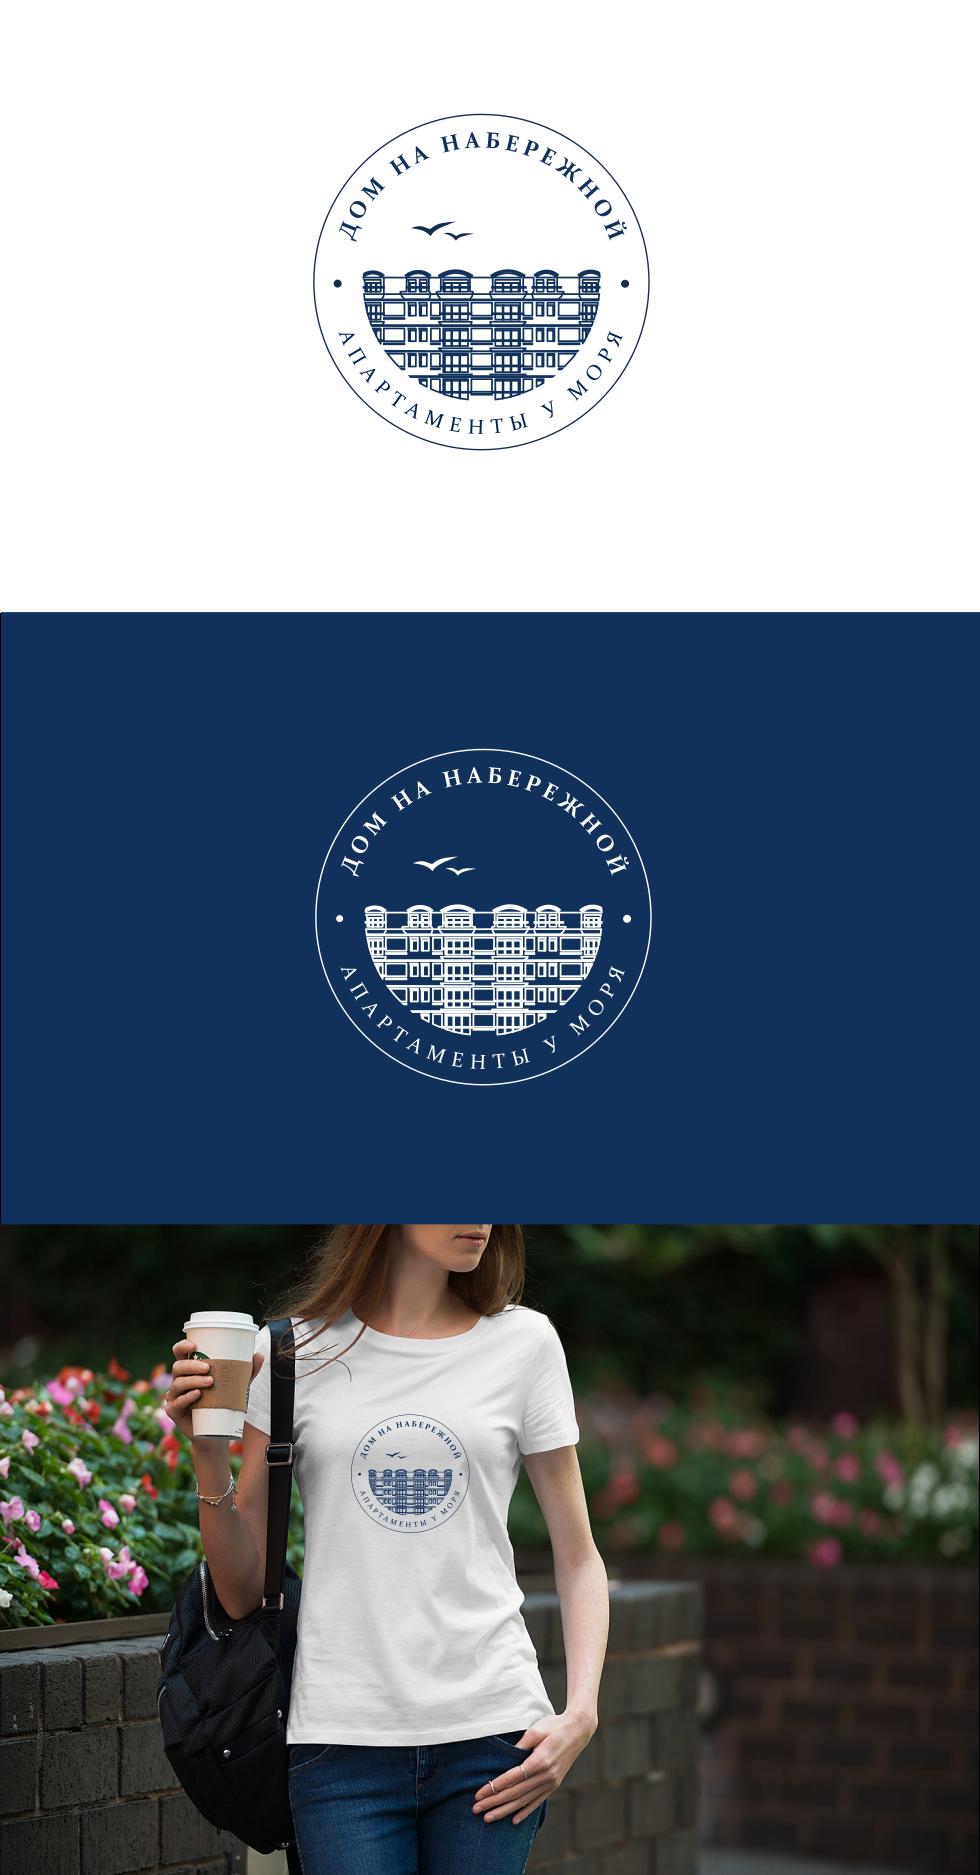 РАЗРАБОТКА логотипа для ЖИЛОГО КОМПЛЕКСА премиум В АНАПЕ.  фото f_3625dea5b135823d.png